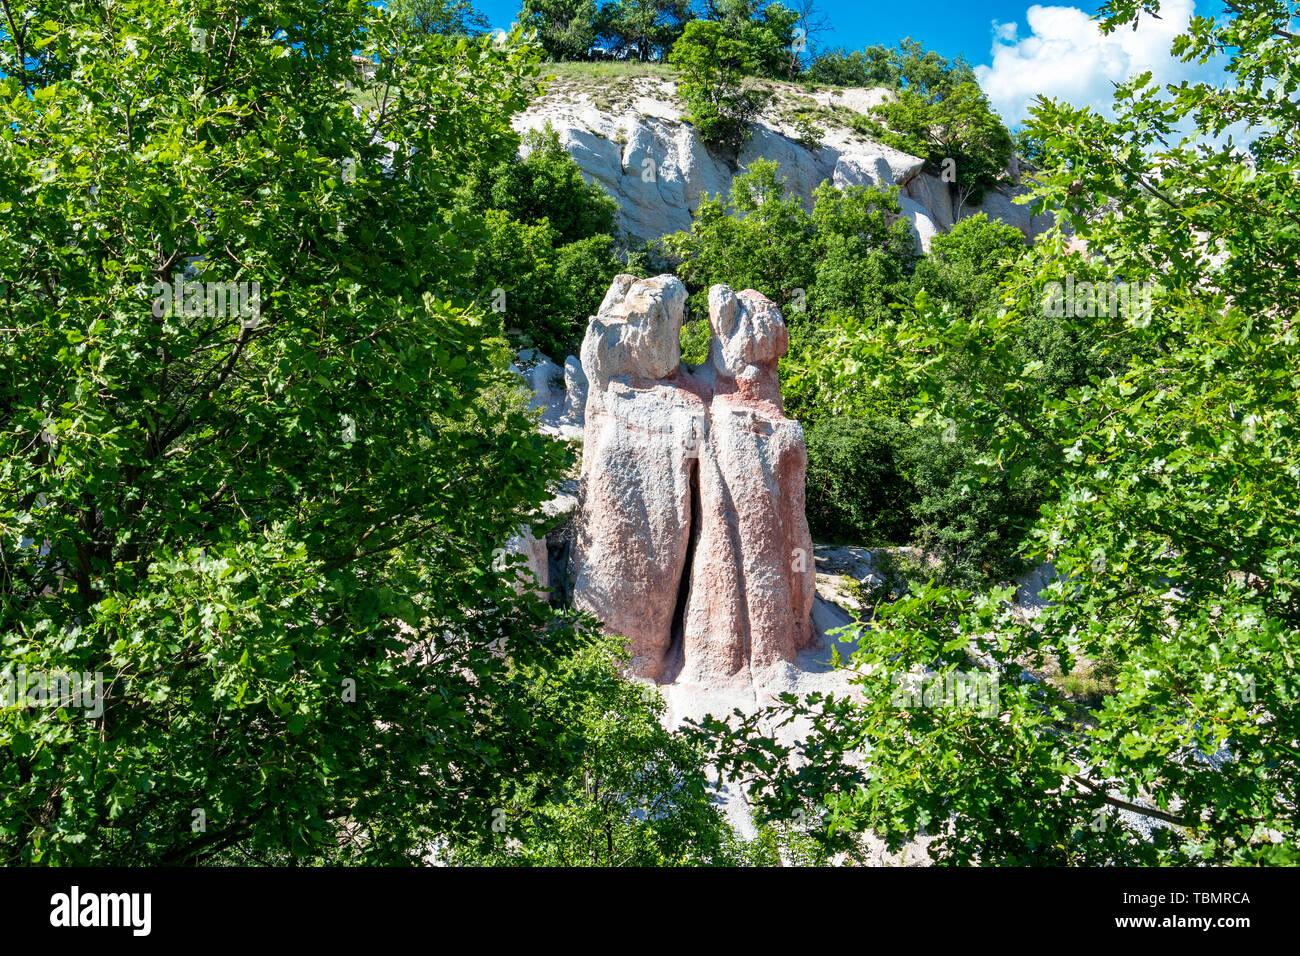 Sunlit grün Blick auf das natürliche Phänomen Kamenná Svatba oder die Steinerne Hochzeit in der Nähe des Dorfes Zimzelen, Bulgarien Stockbild